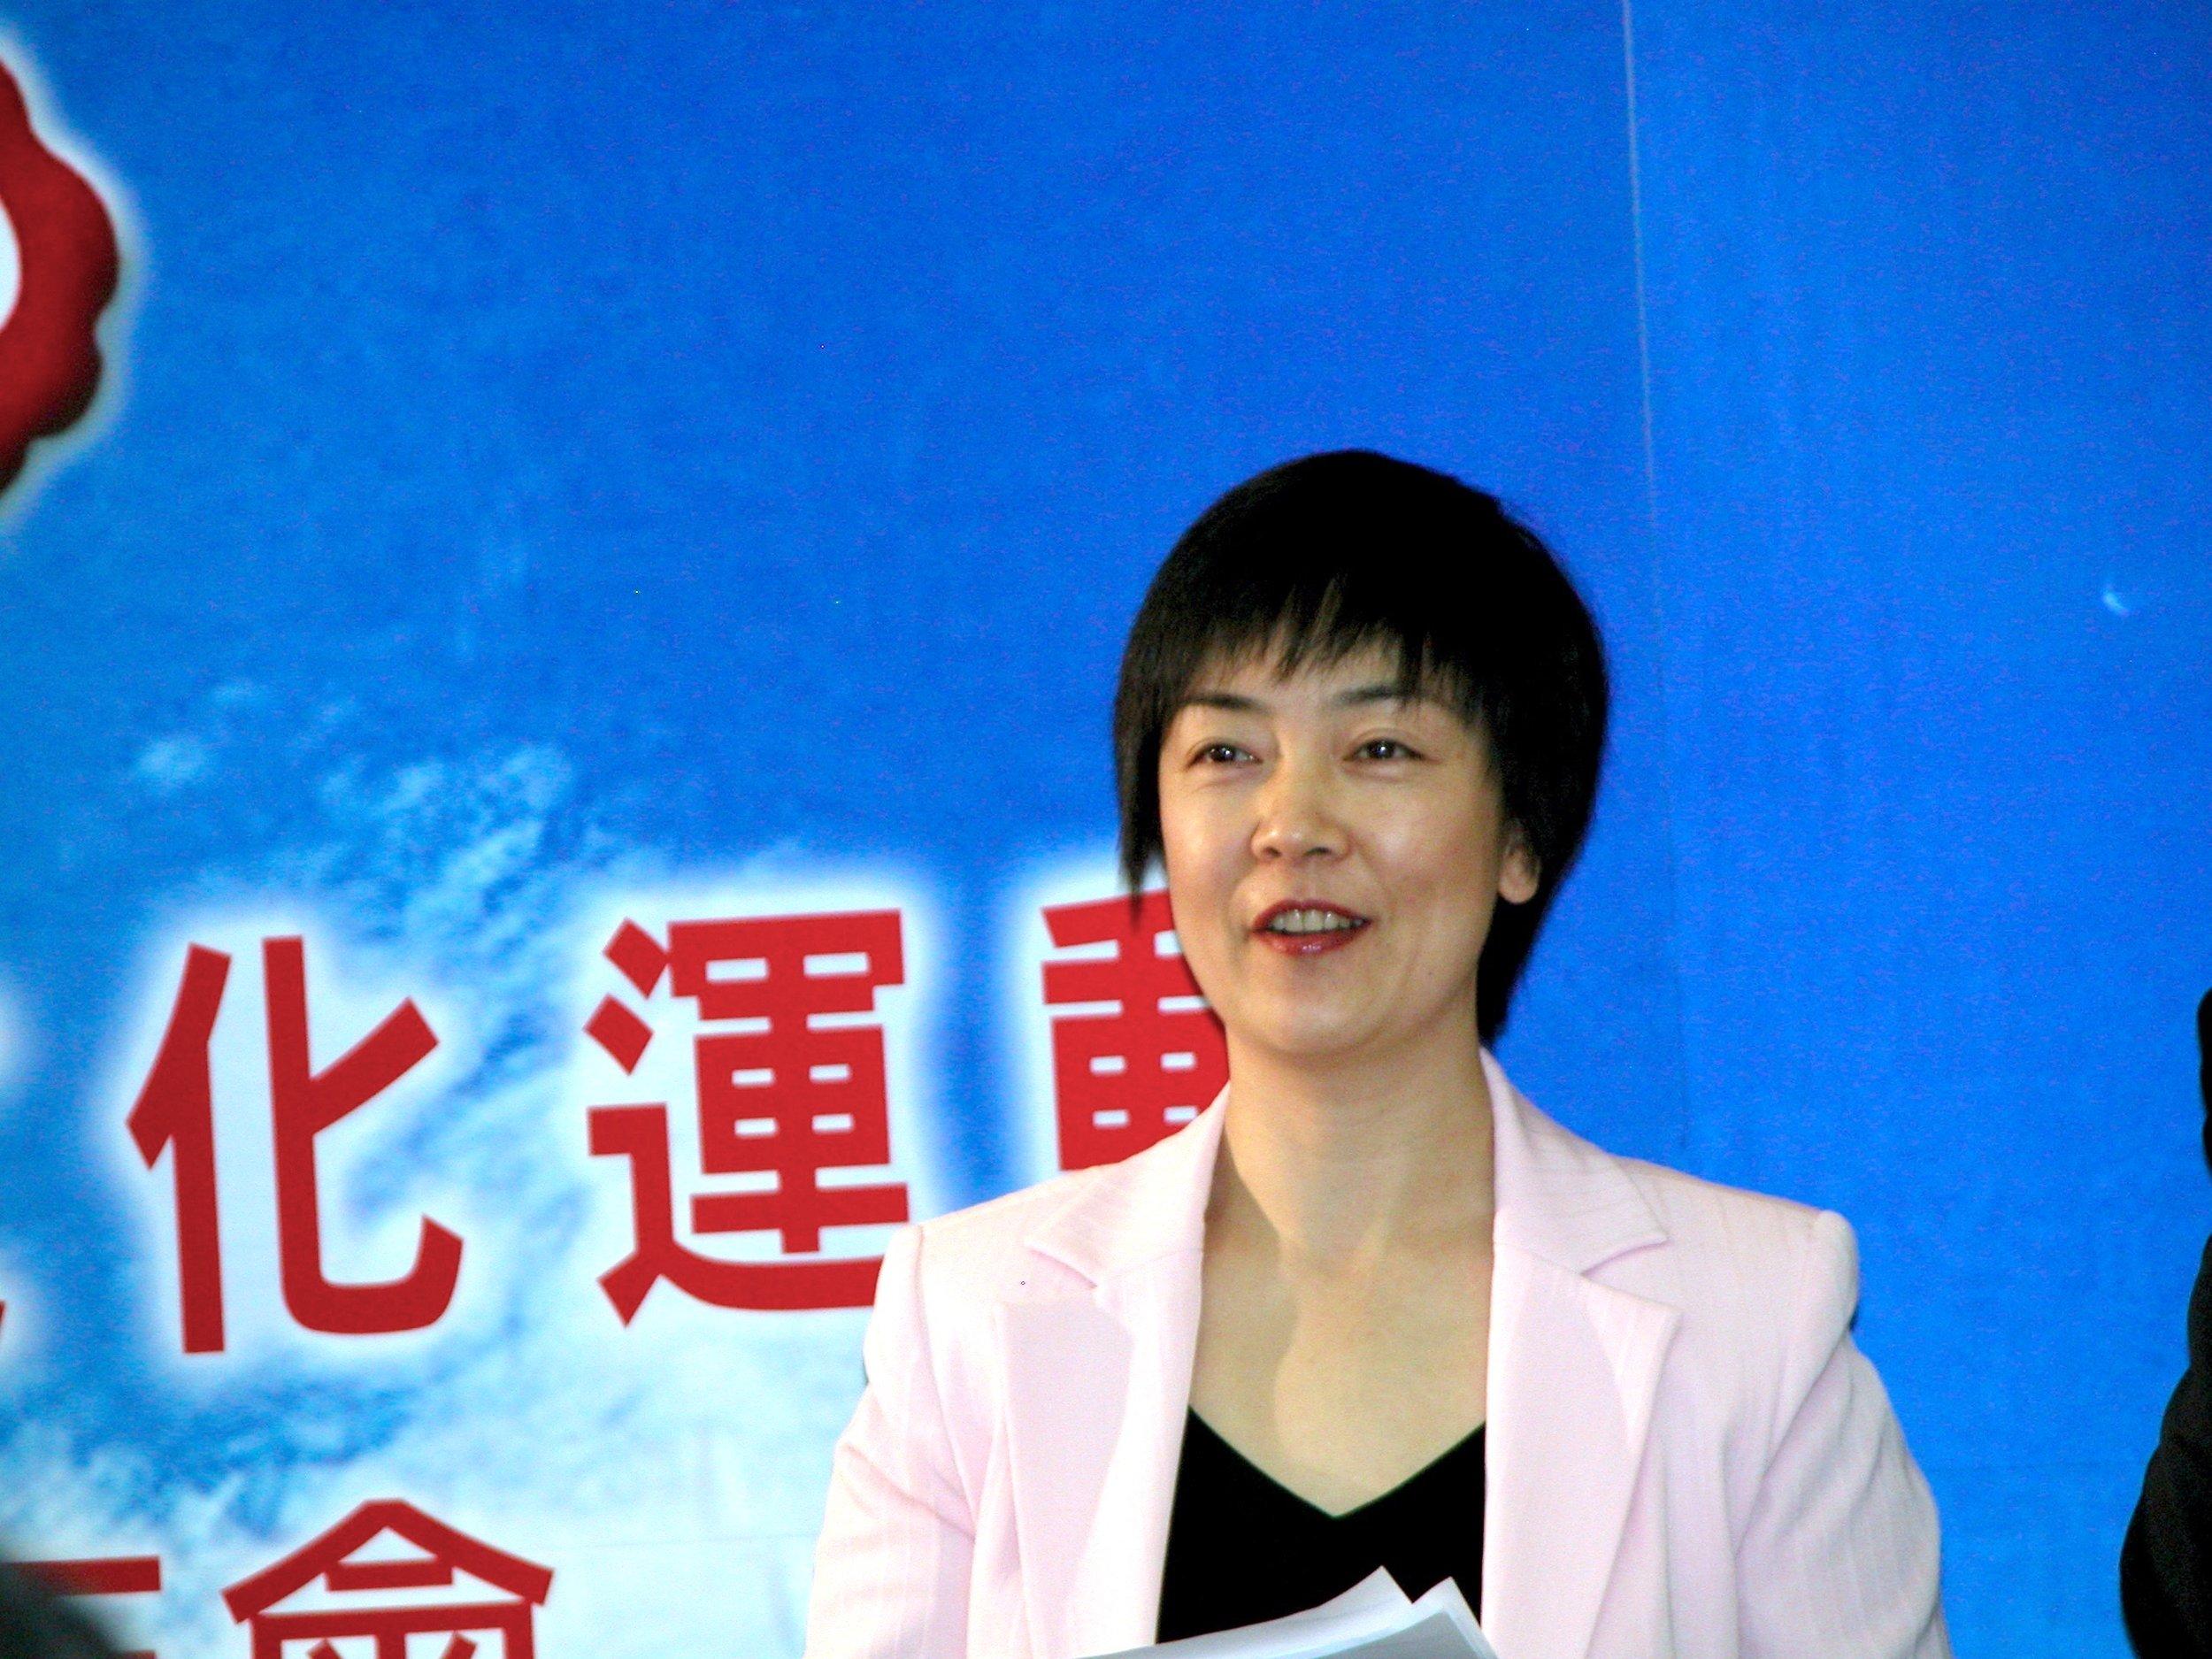 曾錚2006年11月25日在於澳大利亞墨爾本Mercure酒店舉行的中國自由文化運動第一屆年會開幕式上。